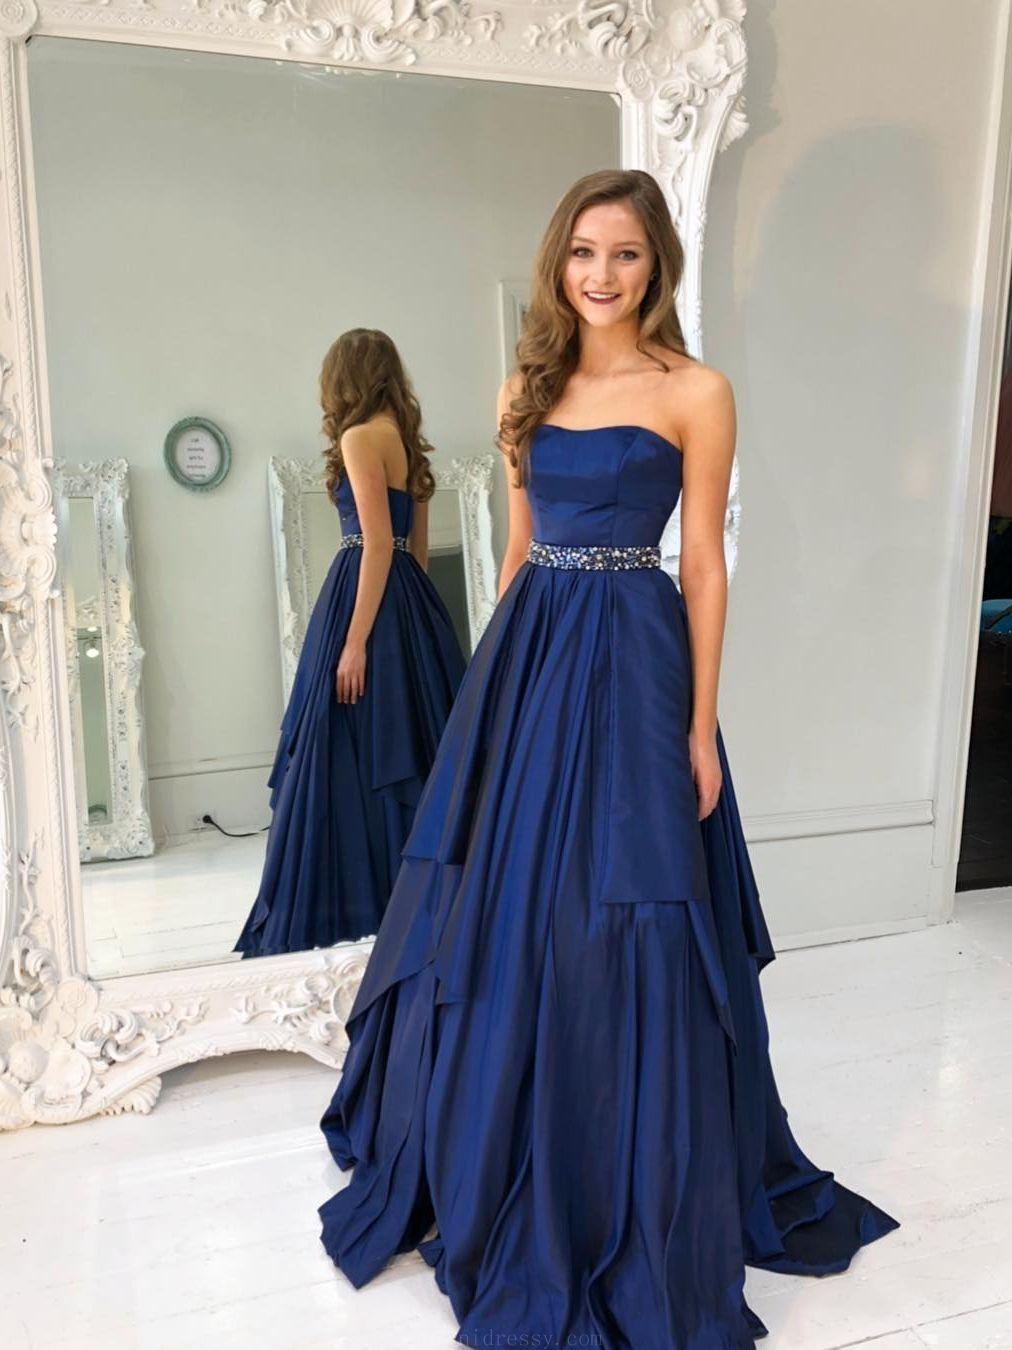 Custom Made Morden Blue Prom Dresses Navy Prom Dresses Long Prom